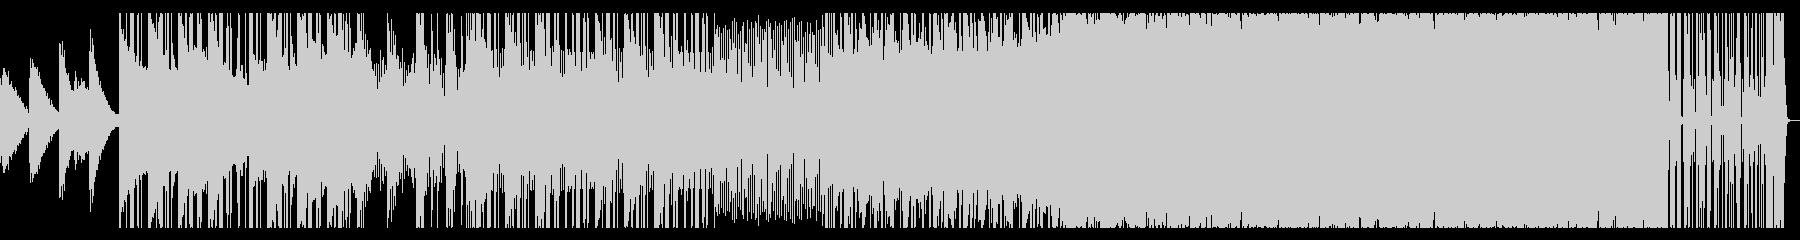 多展開 テクスチャー チェロ シンセの未再生の波形